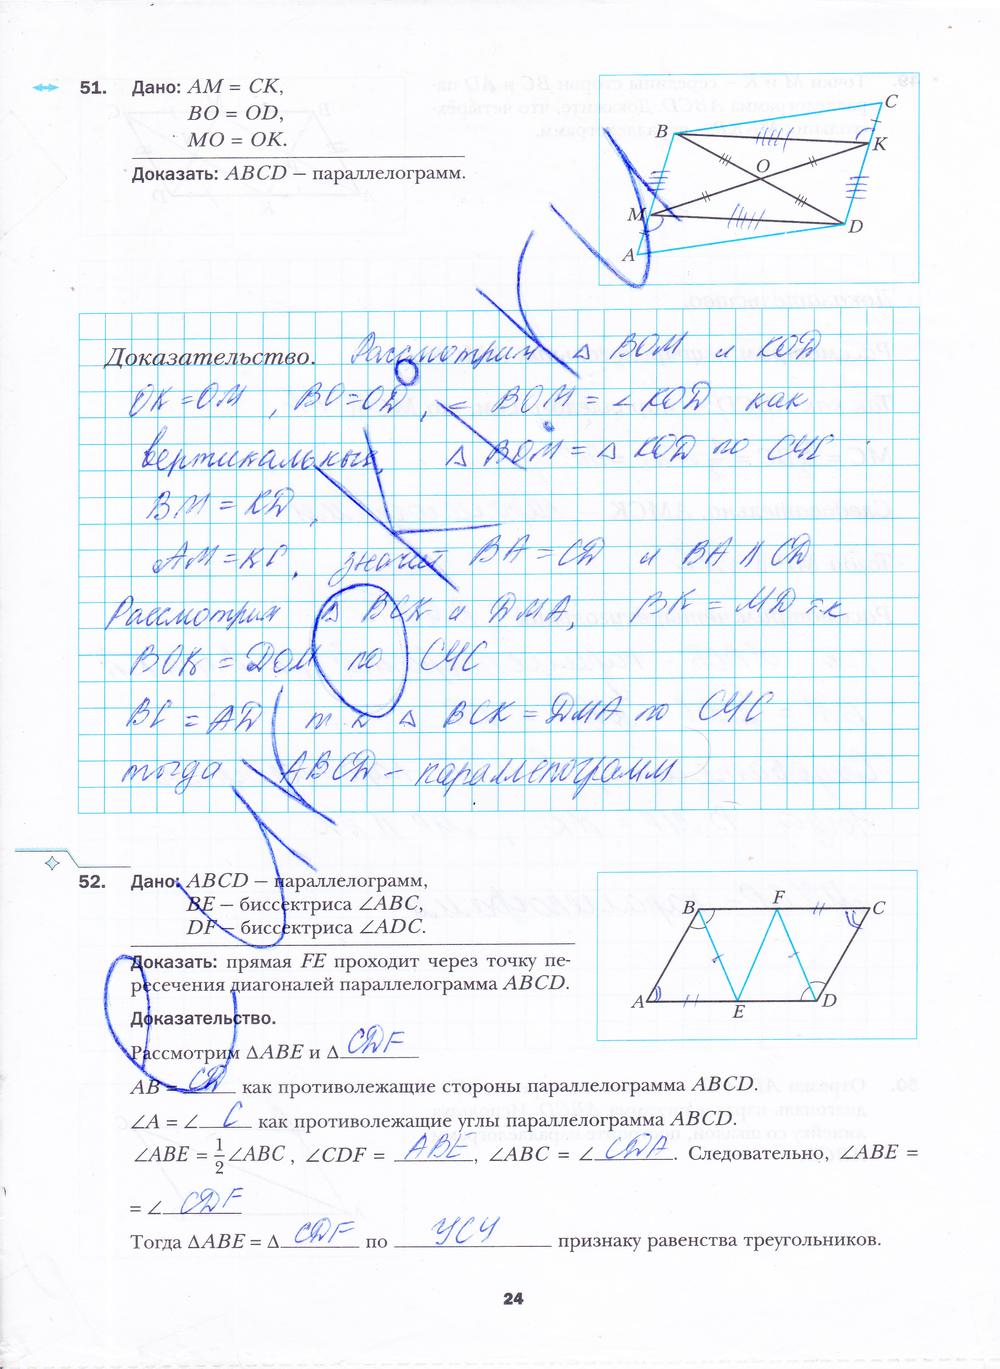 Геометрия тесты 8 класс белицкая ответы 2 часть